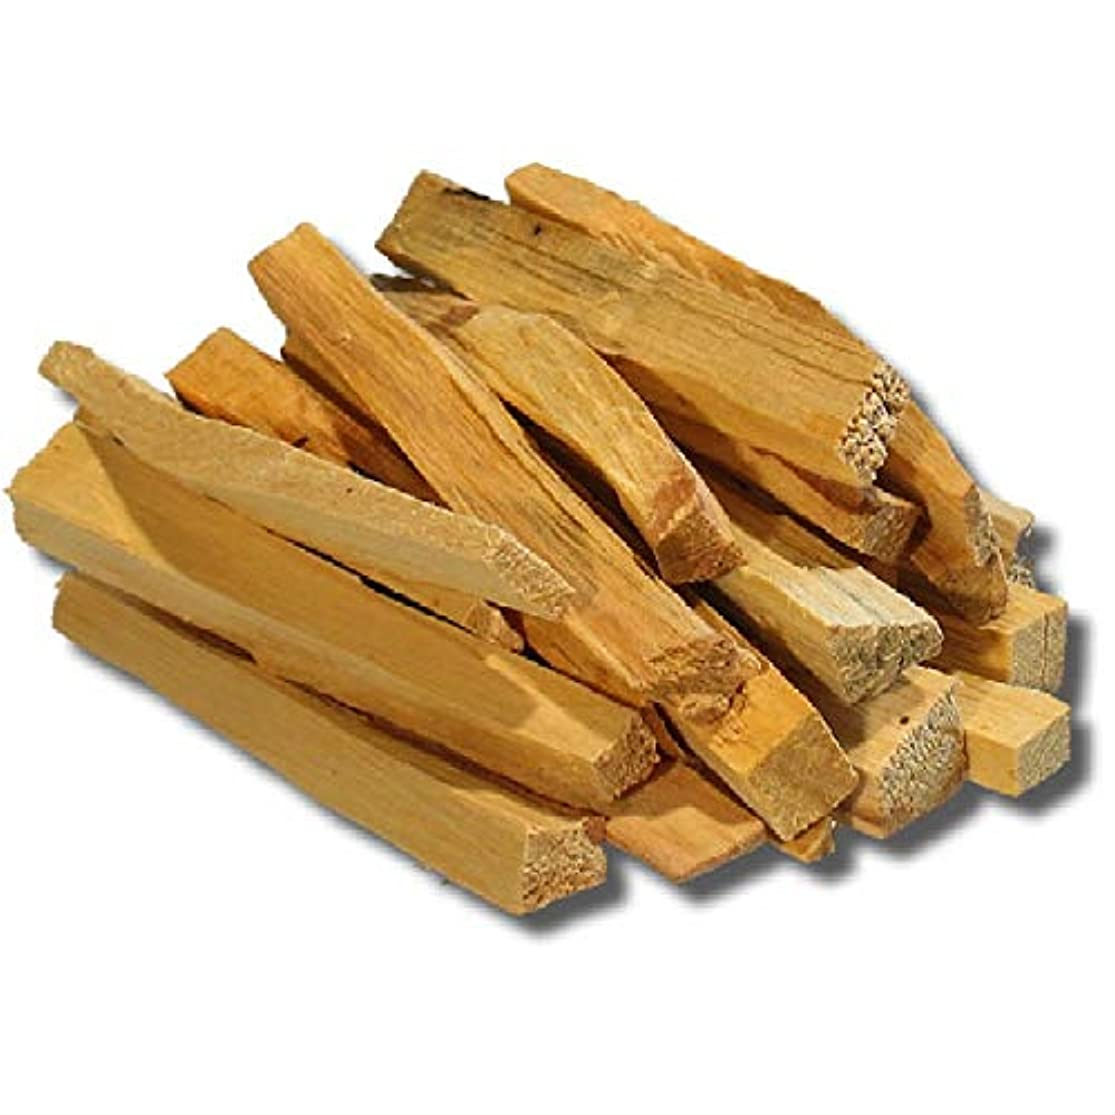 責め寝具超えてPalo Santo Holy Wood Incense Sticks 11個